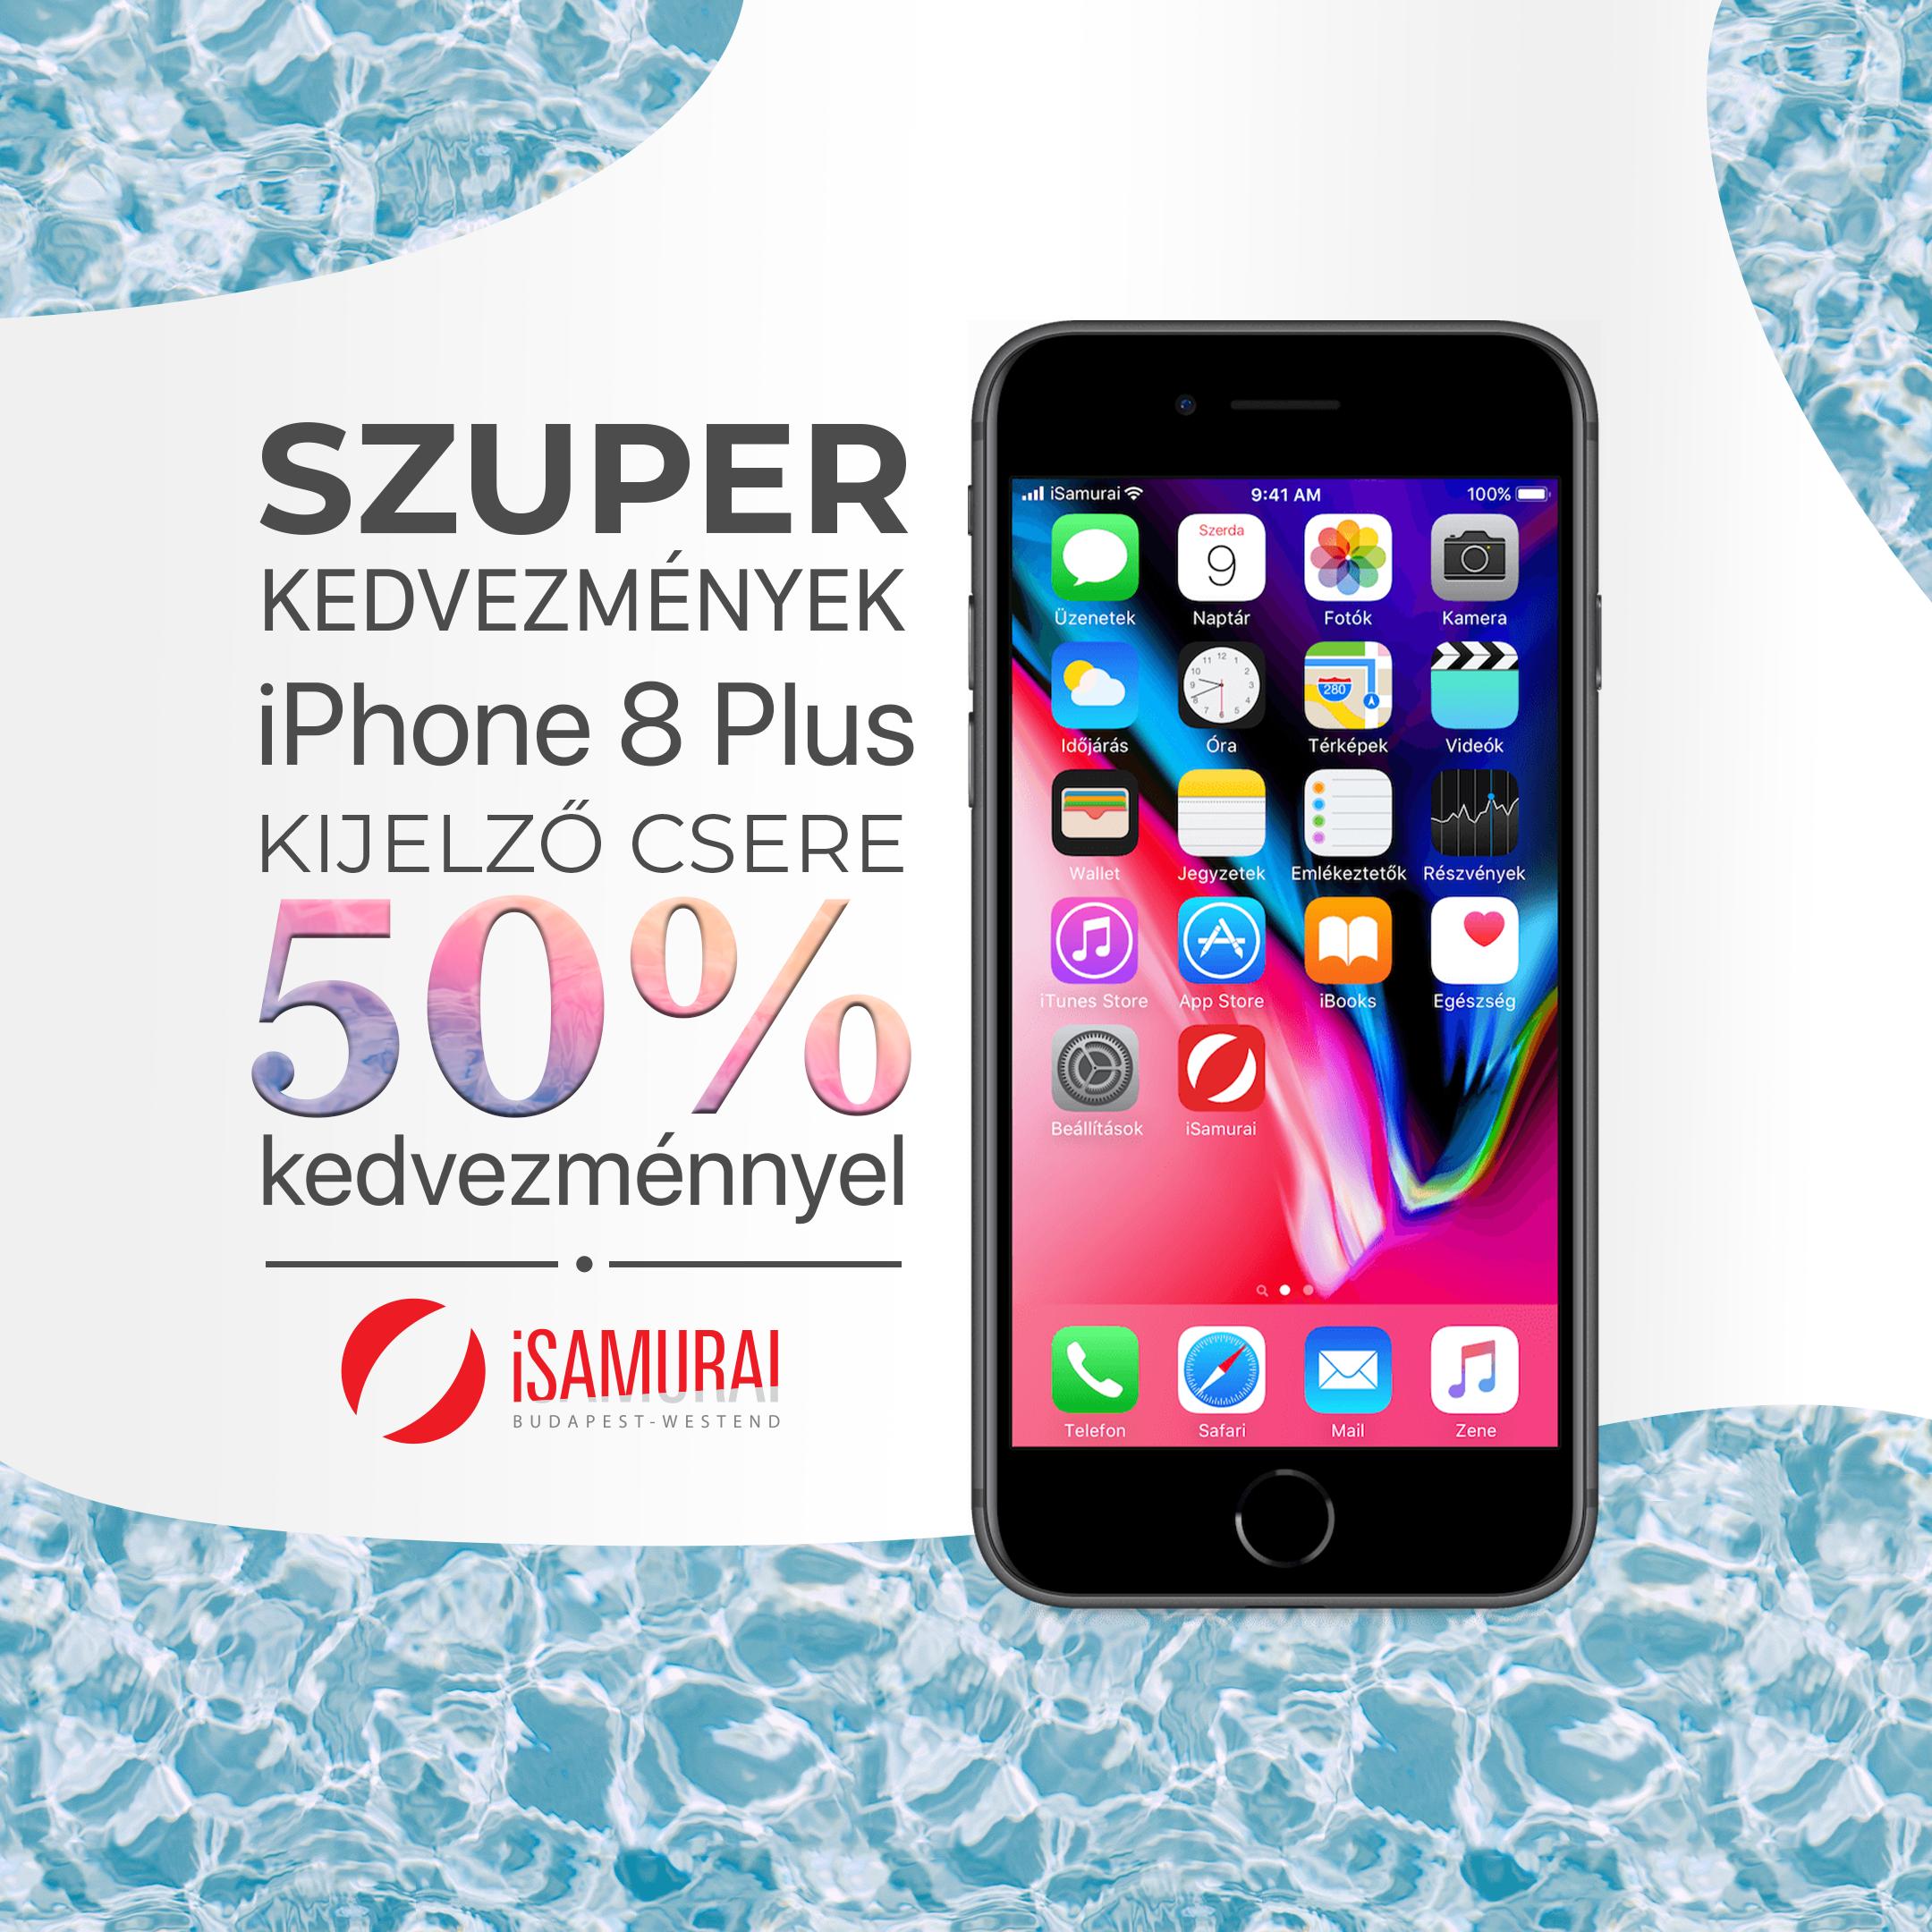 iPhone 8 Plus kijelző csere - 2020 akciós áron